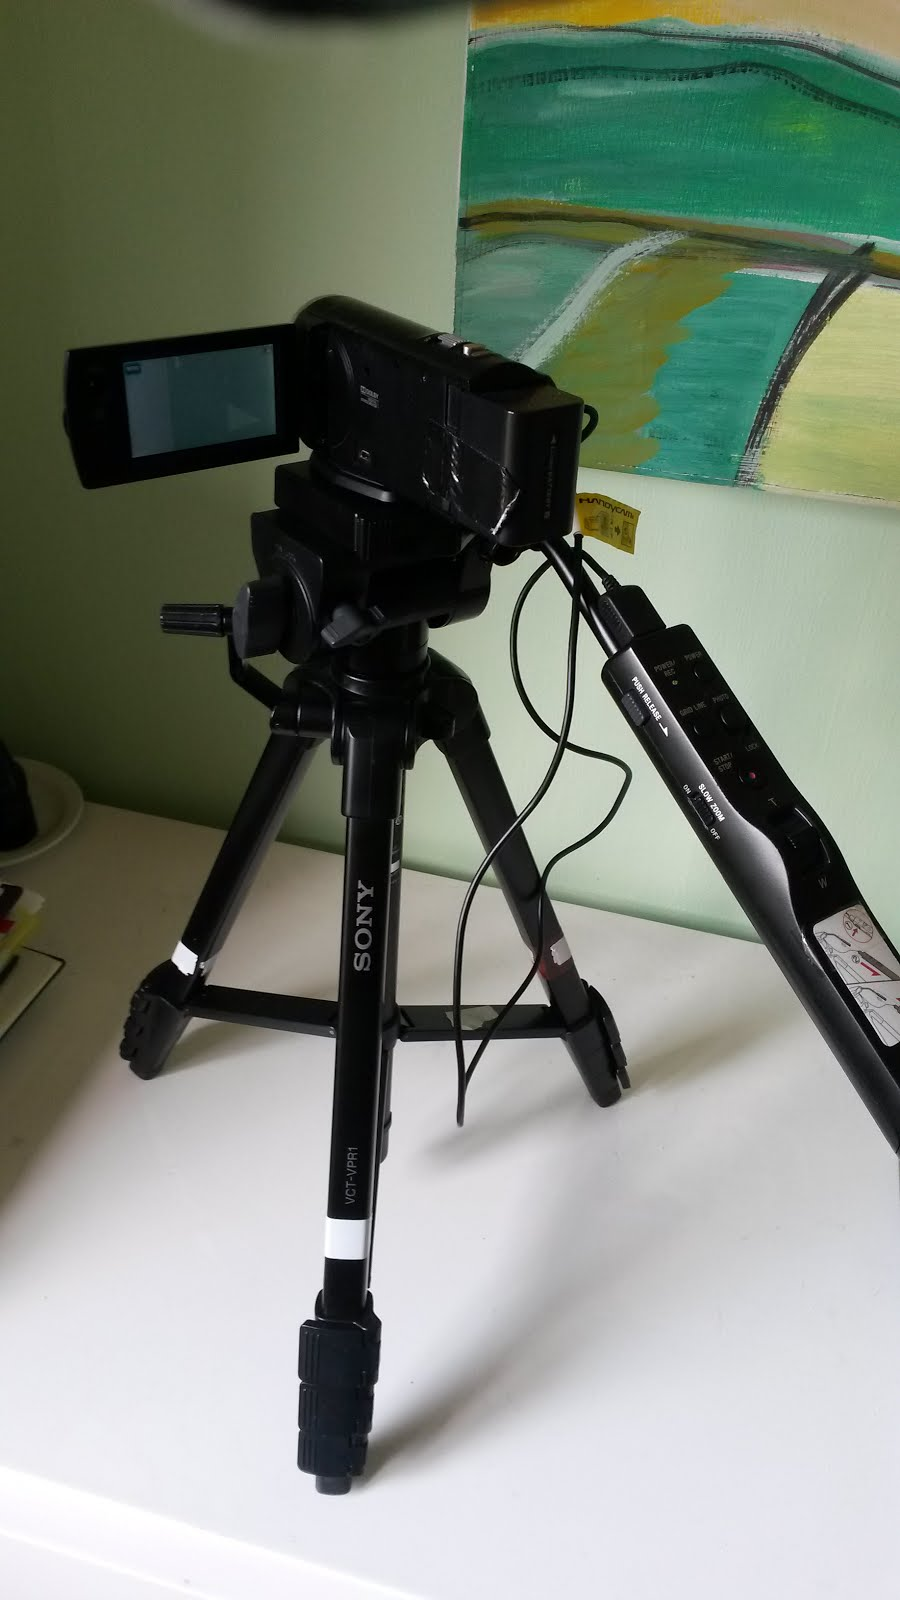 notre camera sony qualité pro avec zoom dans le manche